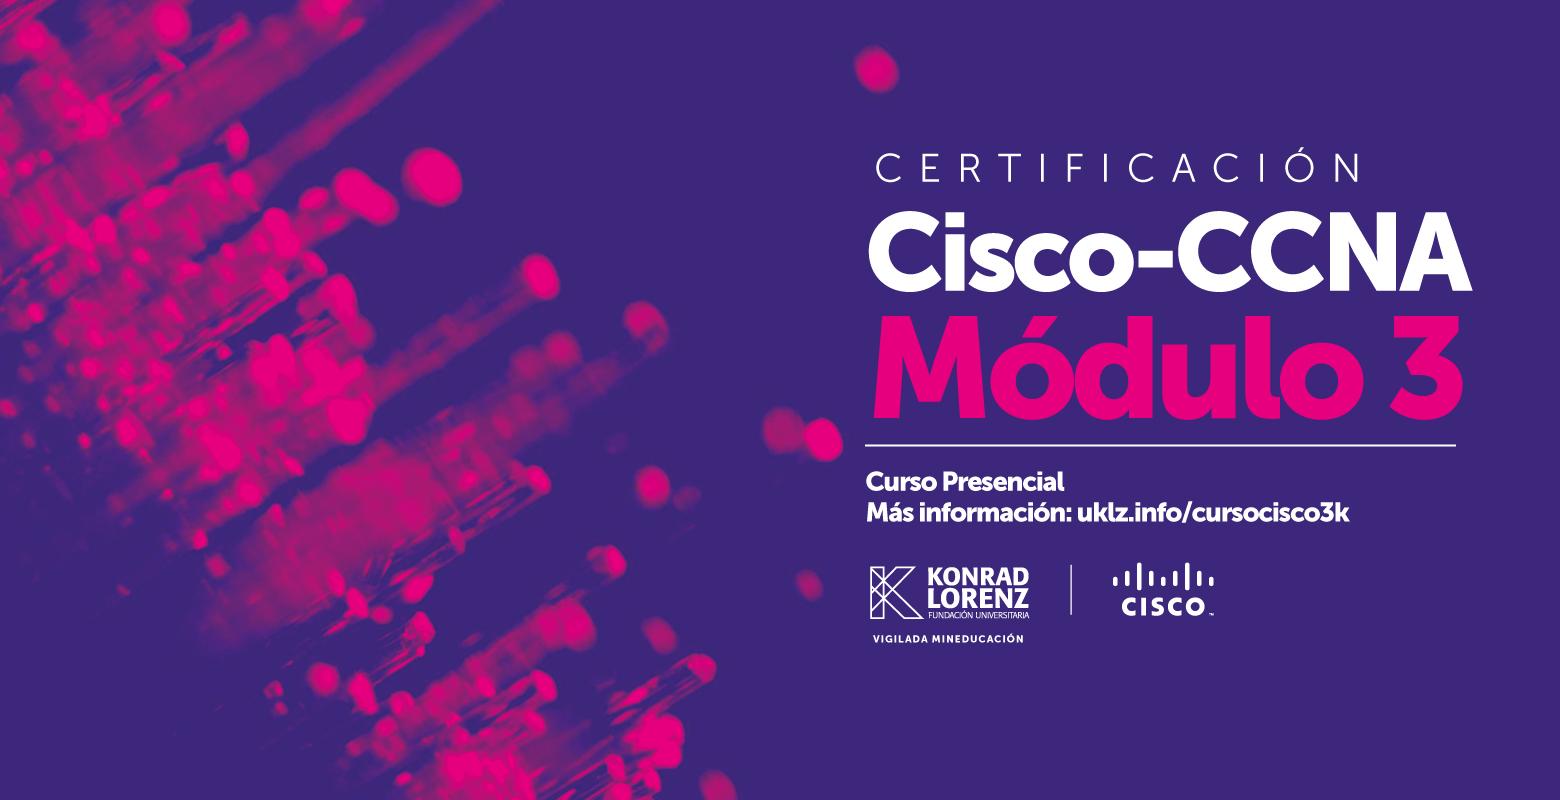 Curso para la Certificación Cisco CCNA - Módulo 3